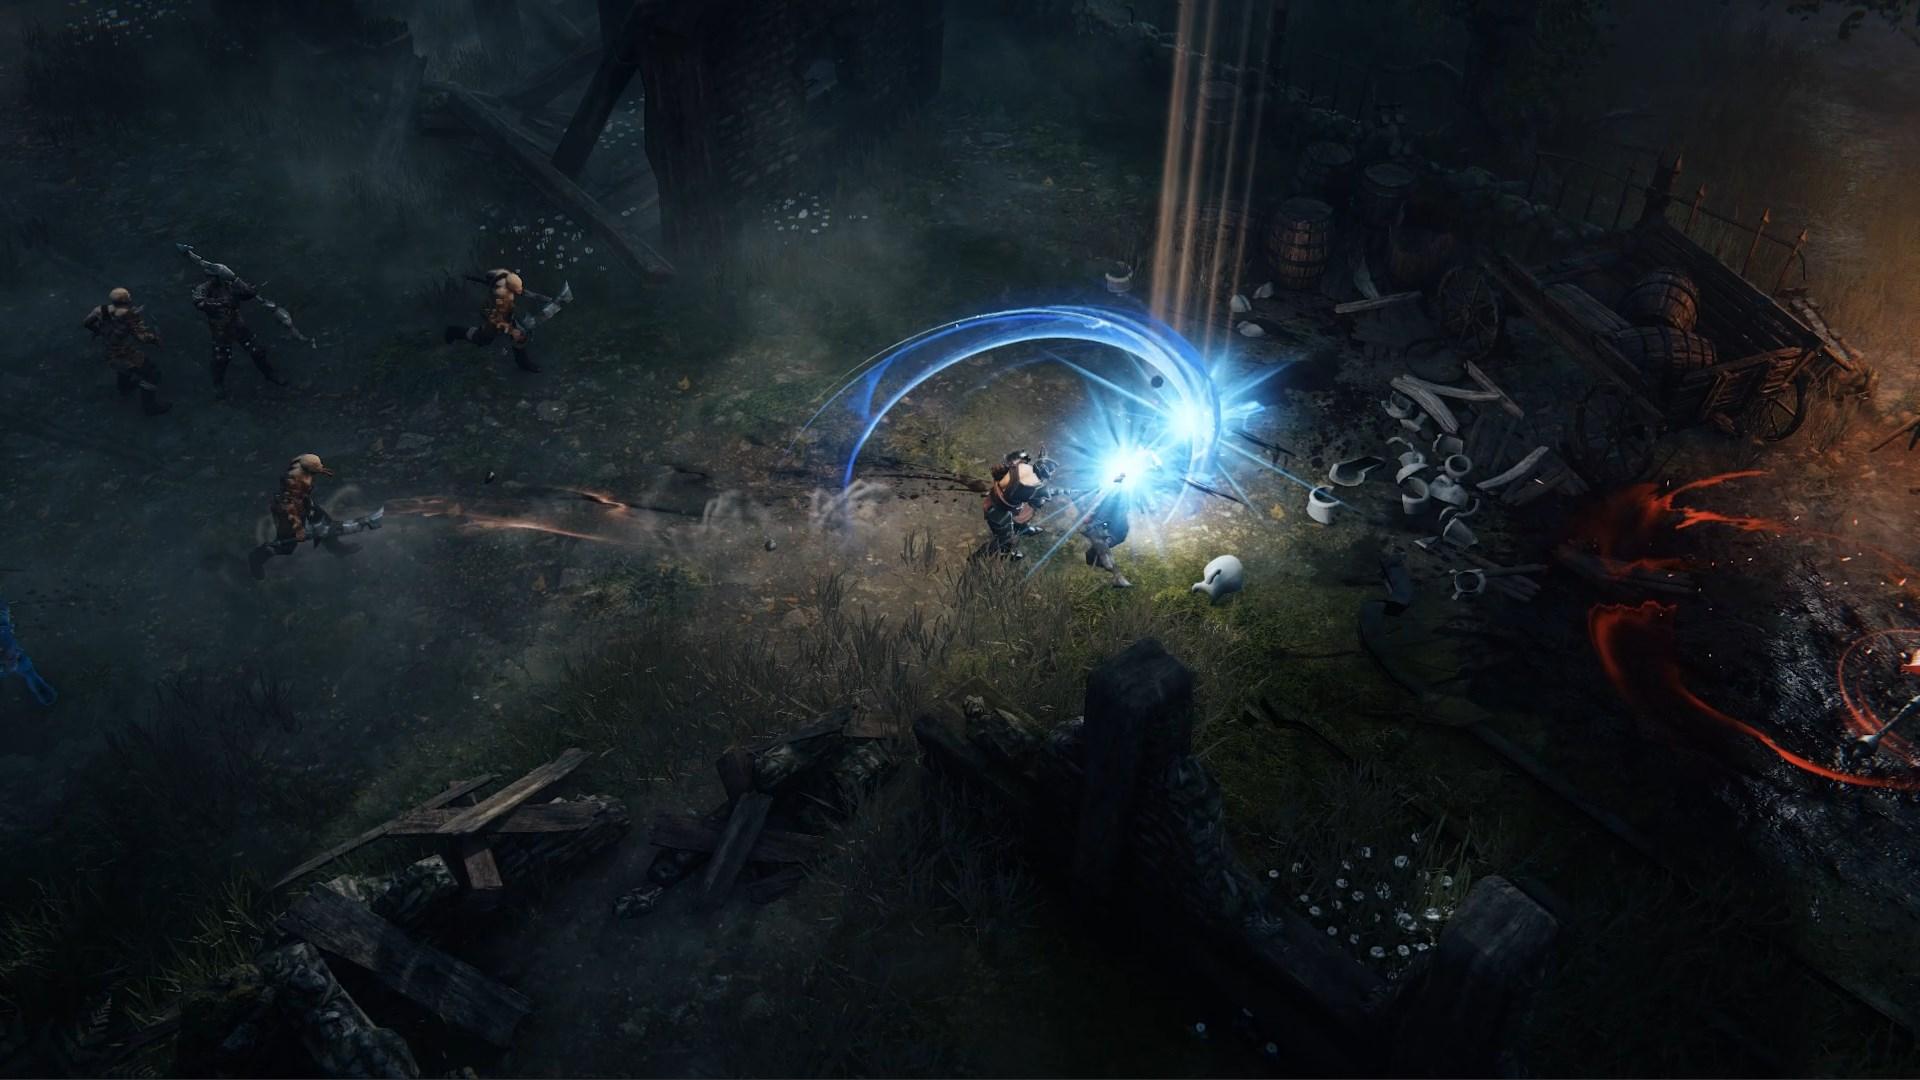 类暗黑游戏《破坏领主》登陆Steam抢先体验 国区90元、自带简中